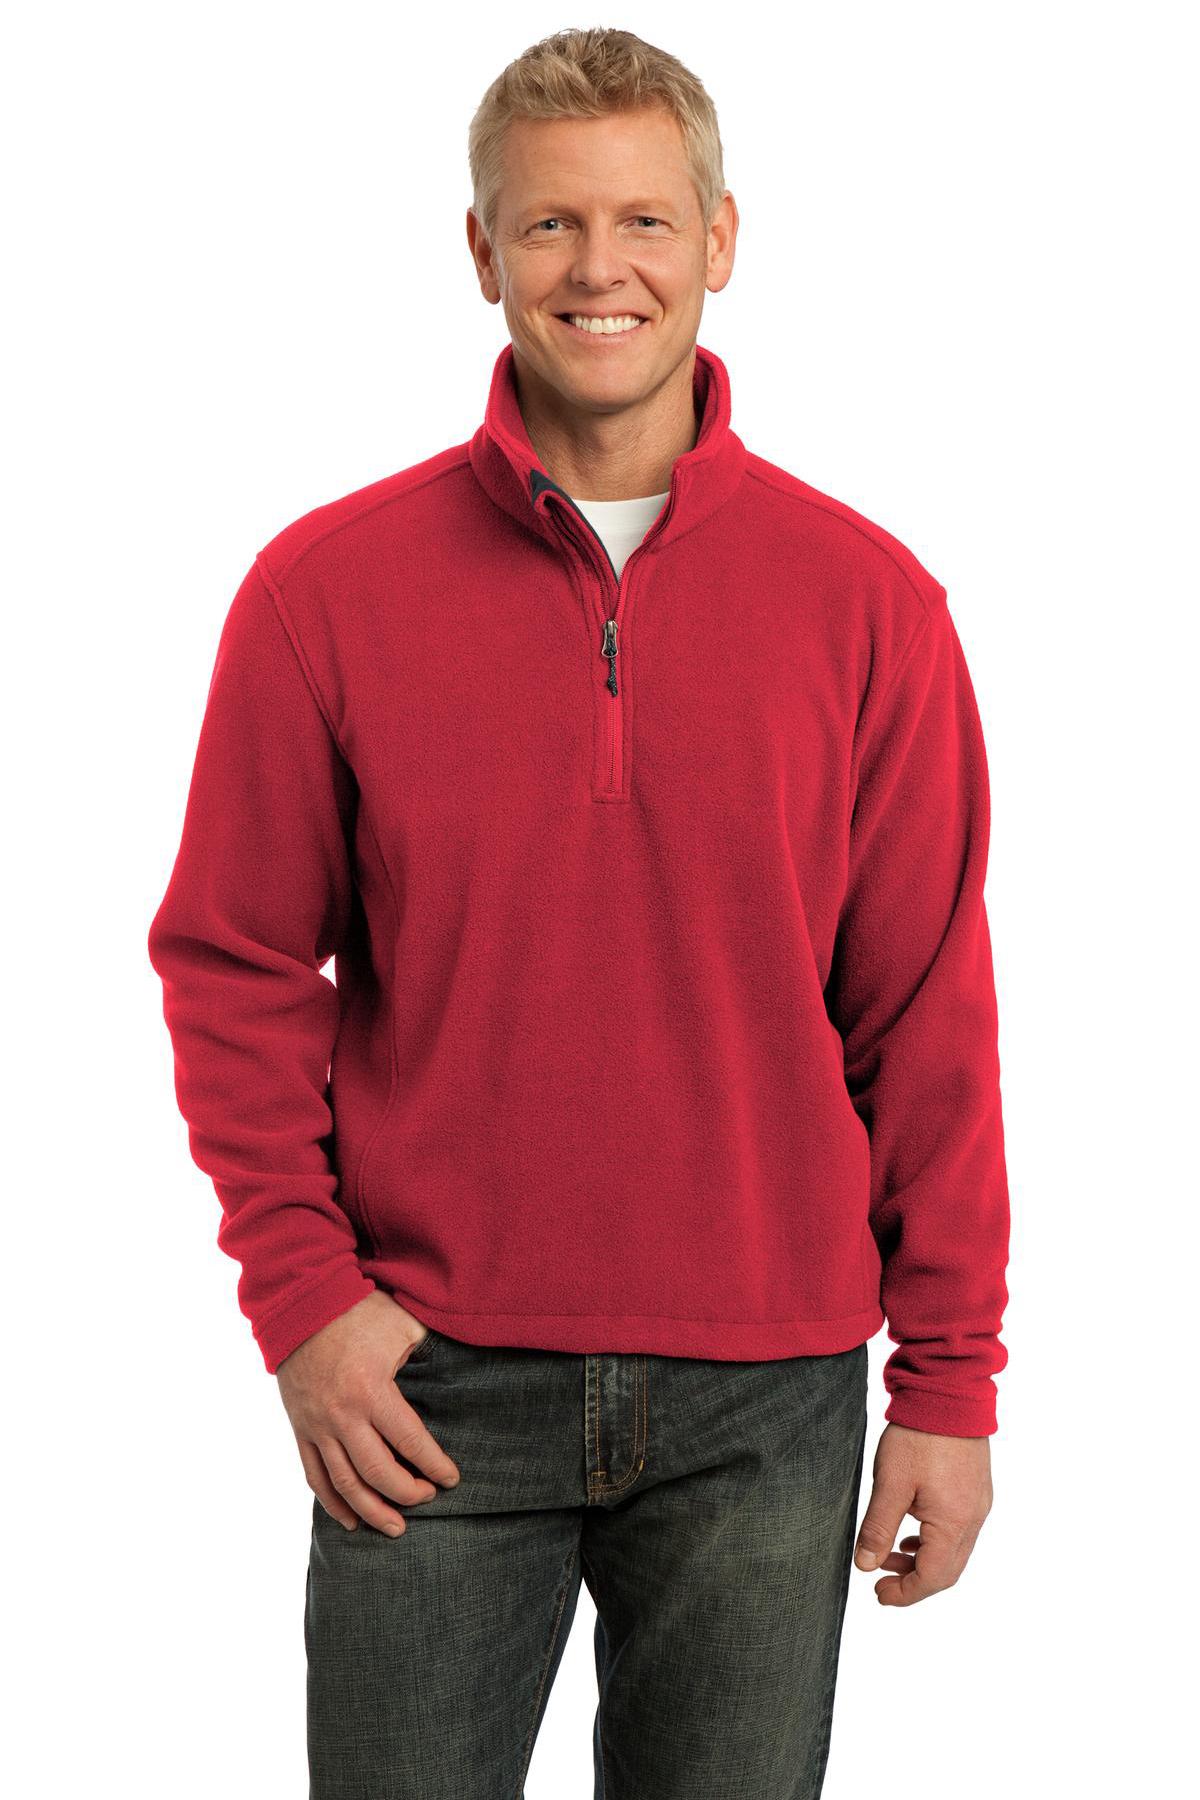 Outerwear-Polyester-Fleece-22